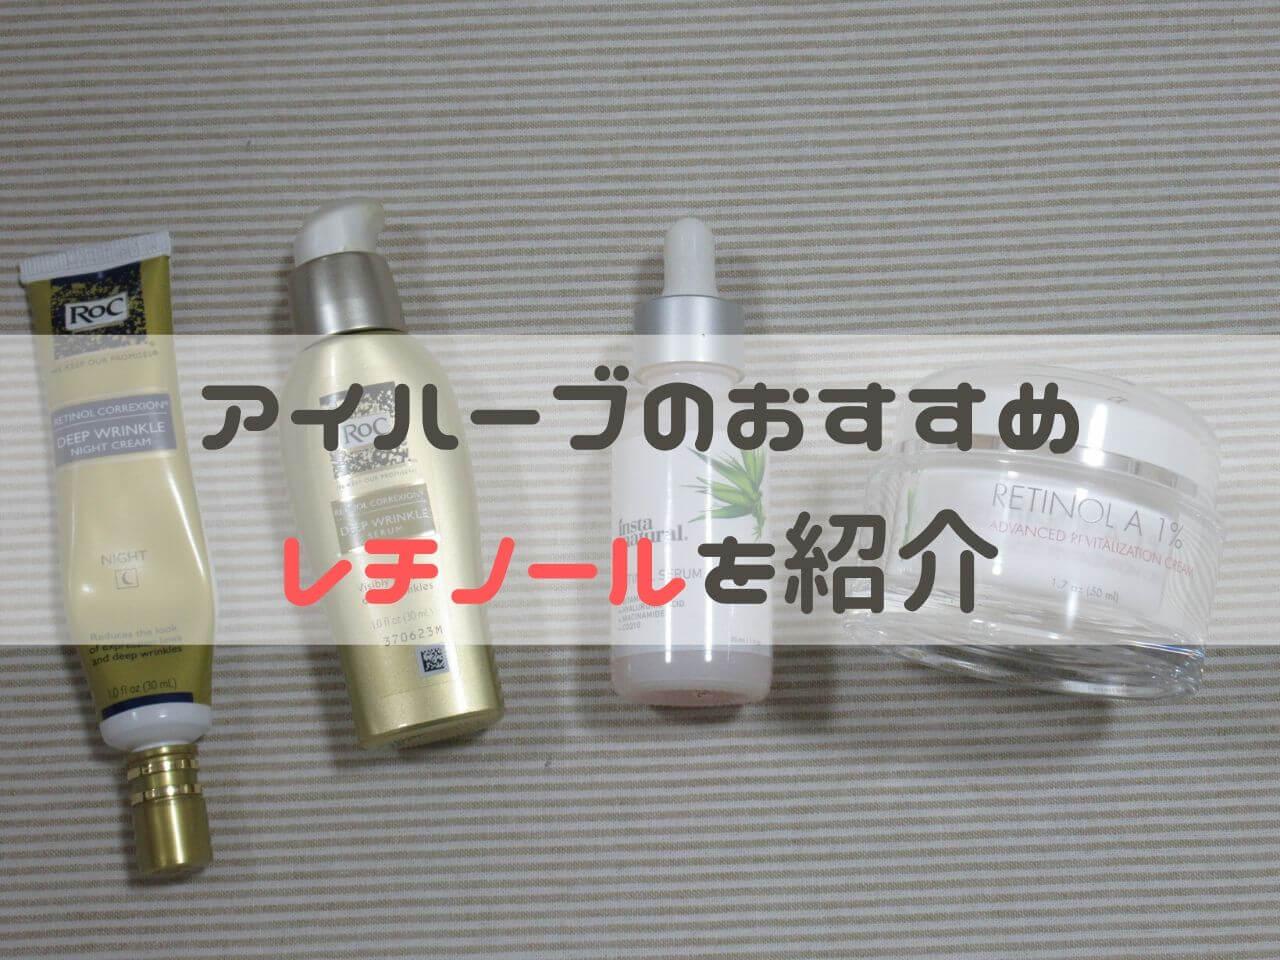 【プチプラなのにシワ改善】アイハーブのおすすめレチノール化粧品4選。